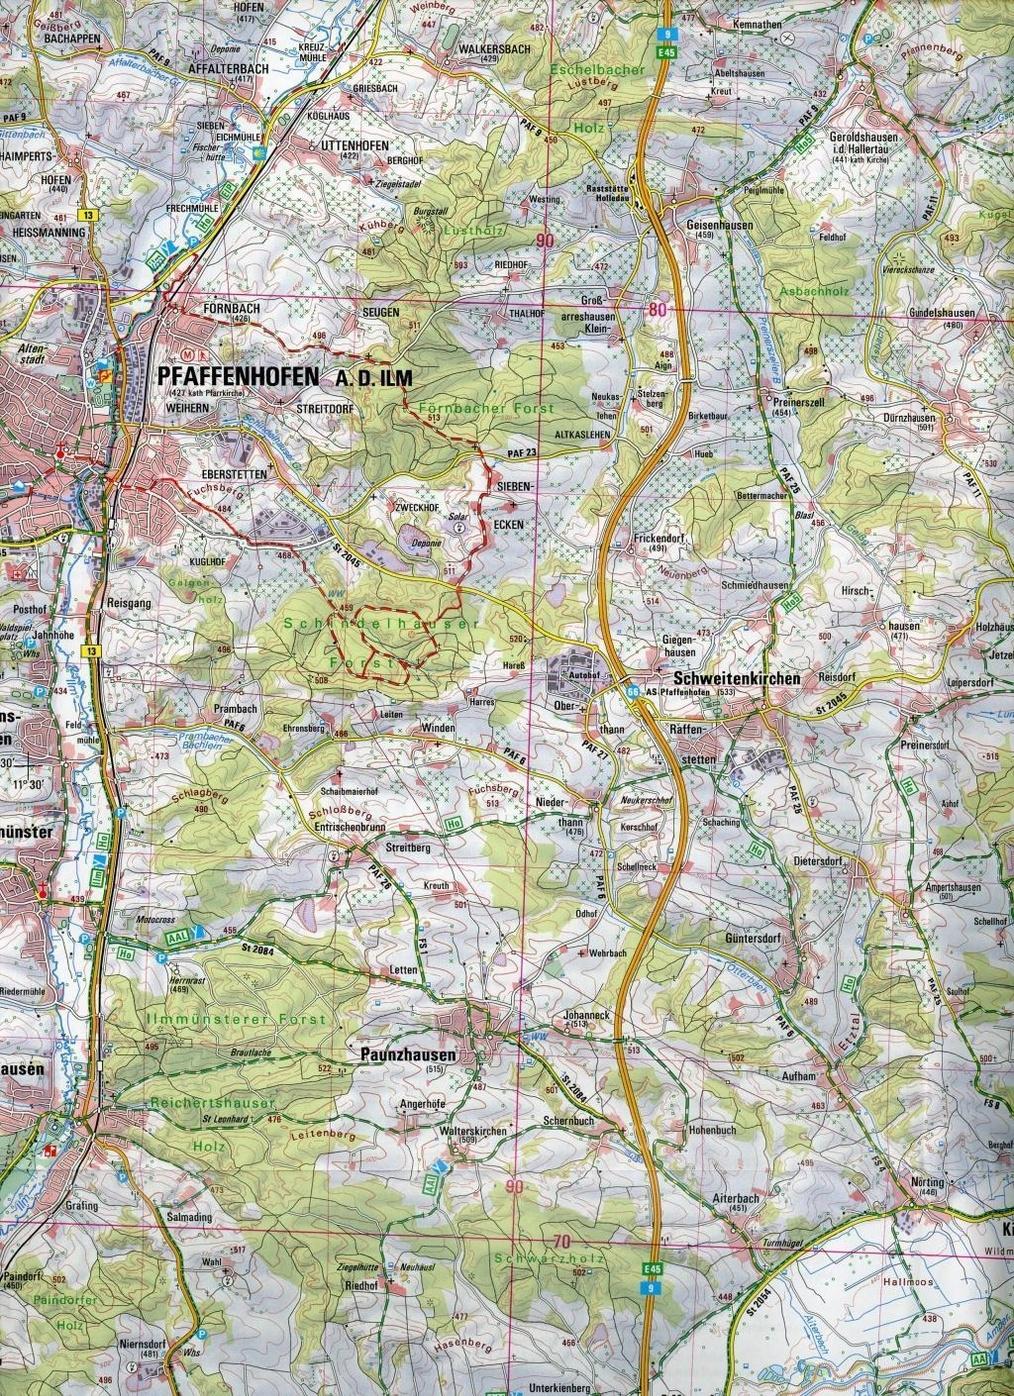 Topographische Karte Bayern Landkreise Pfaffenhofen A D Ilm